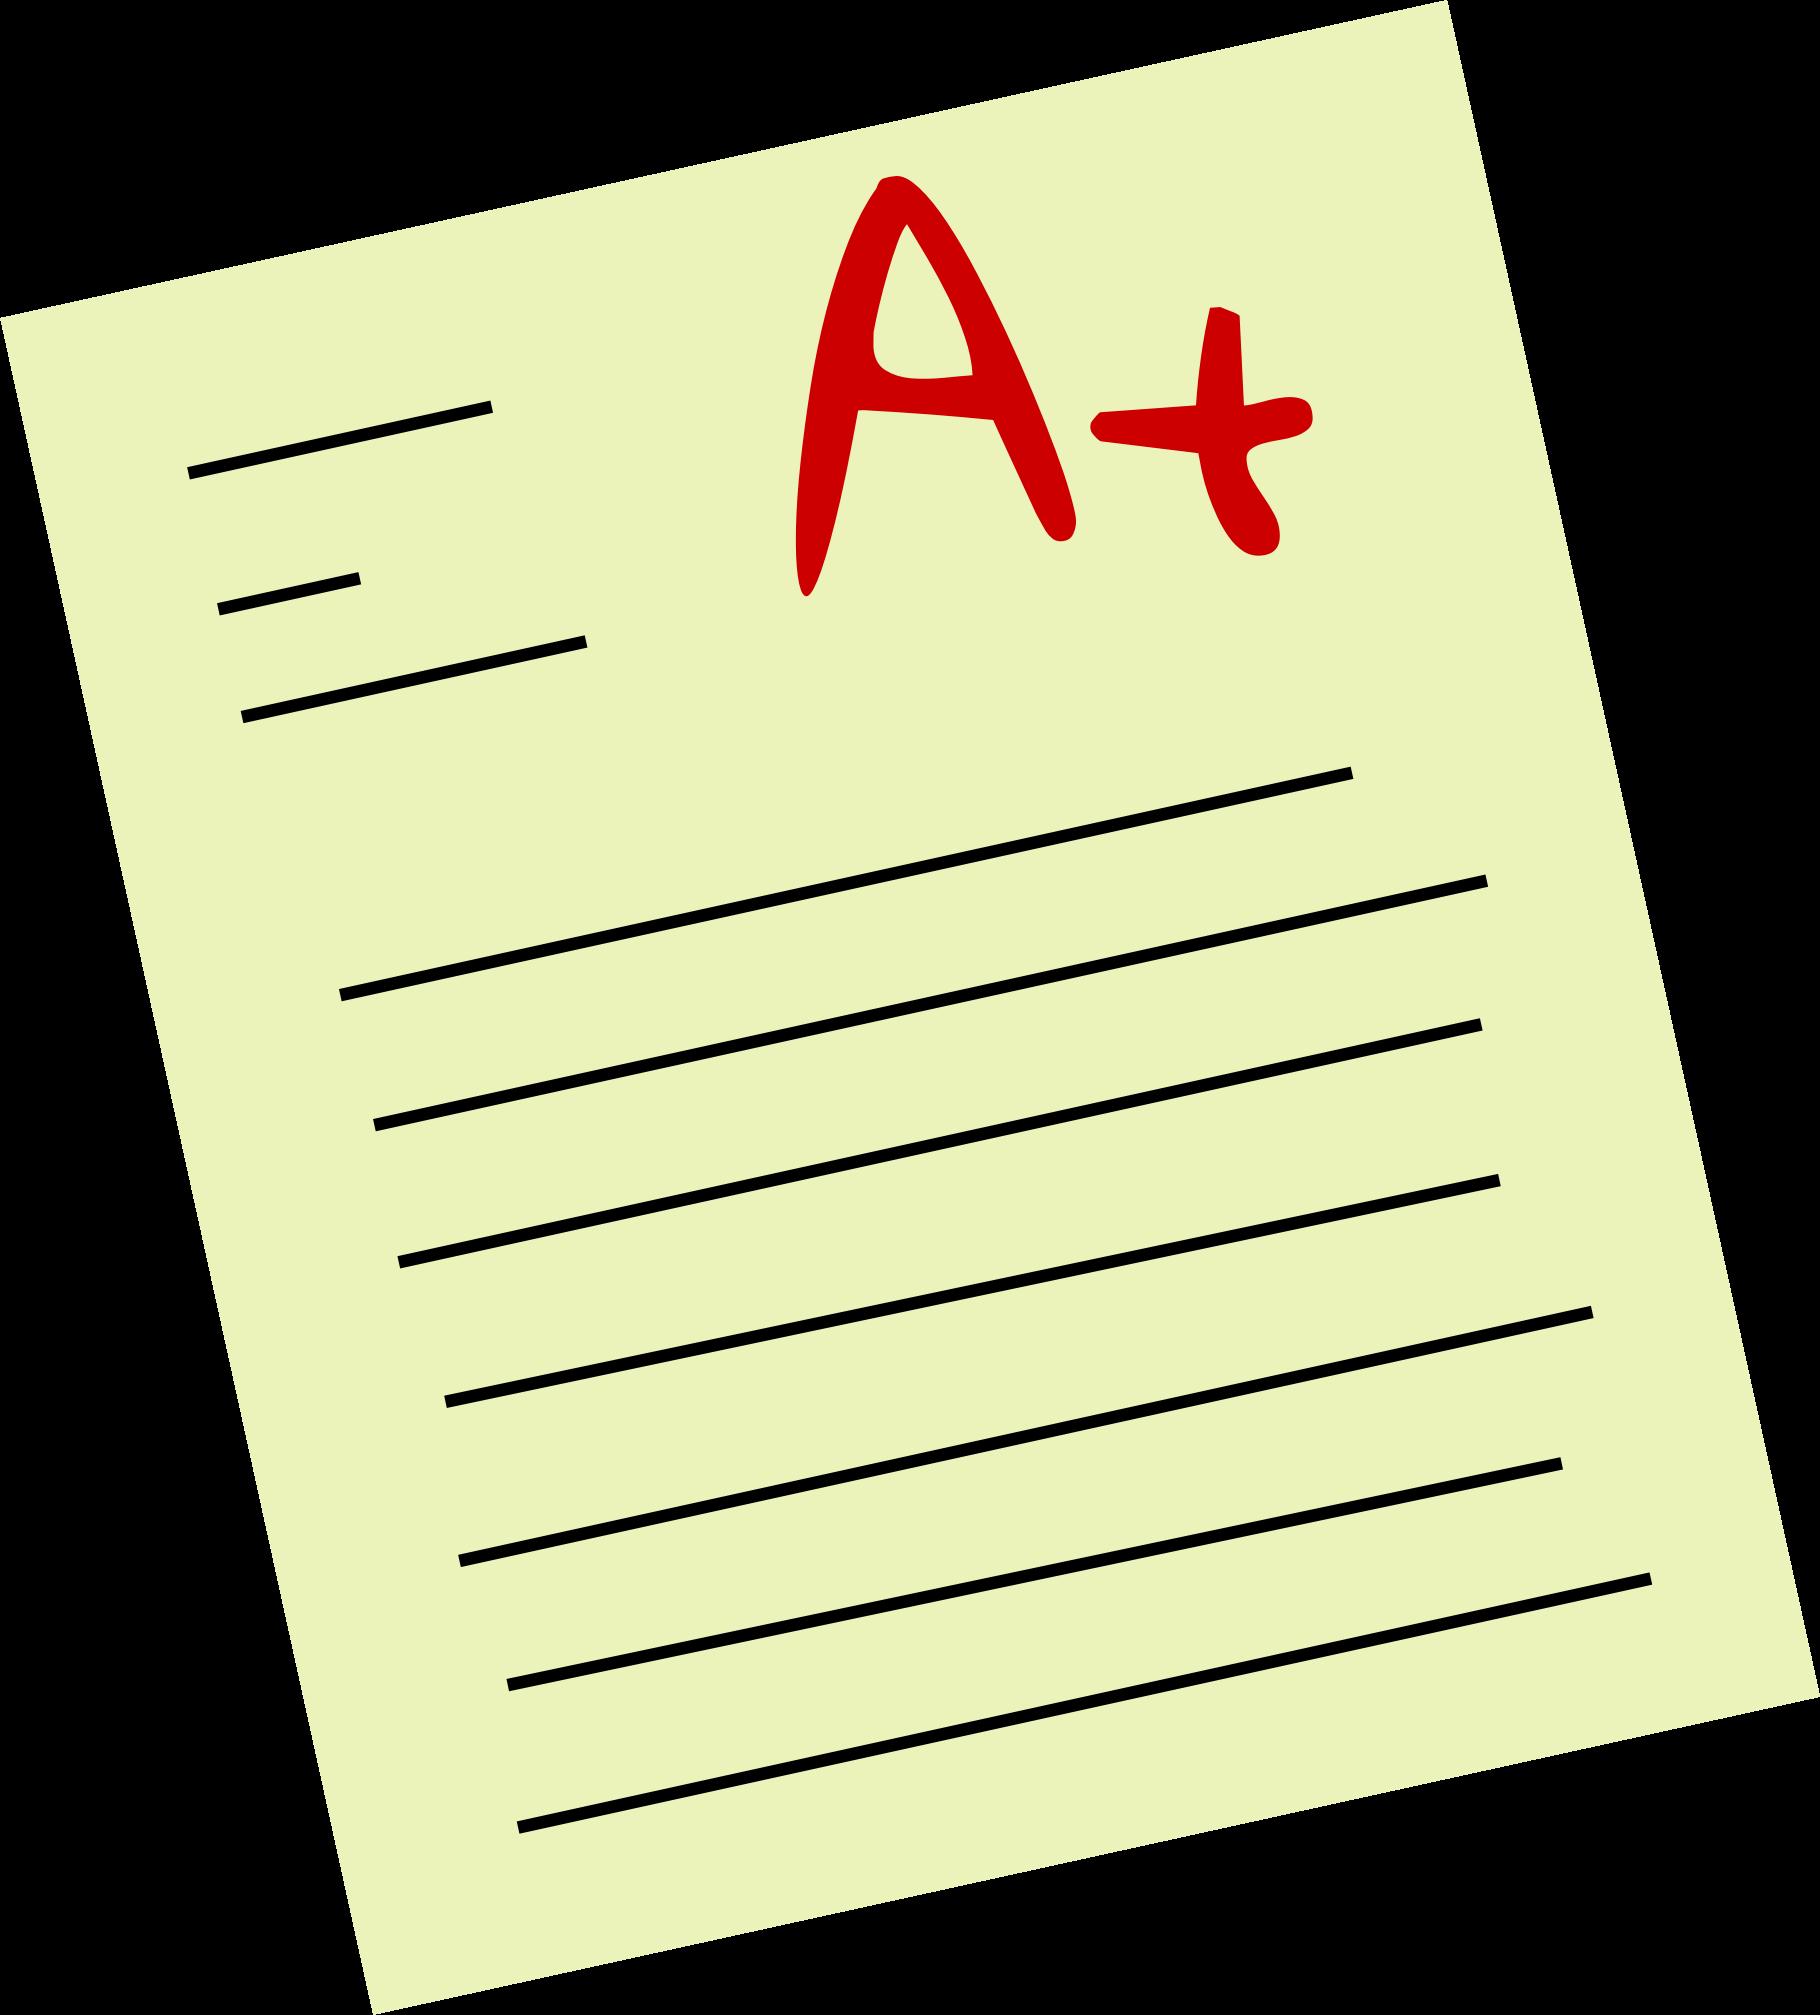 good grades tk good grades 23 04 2017